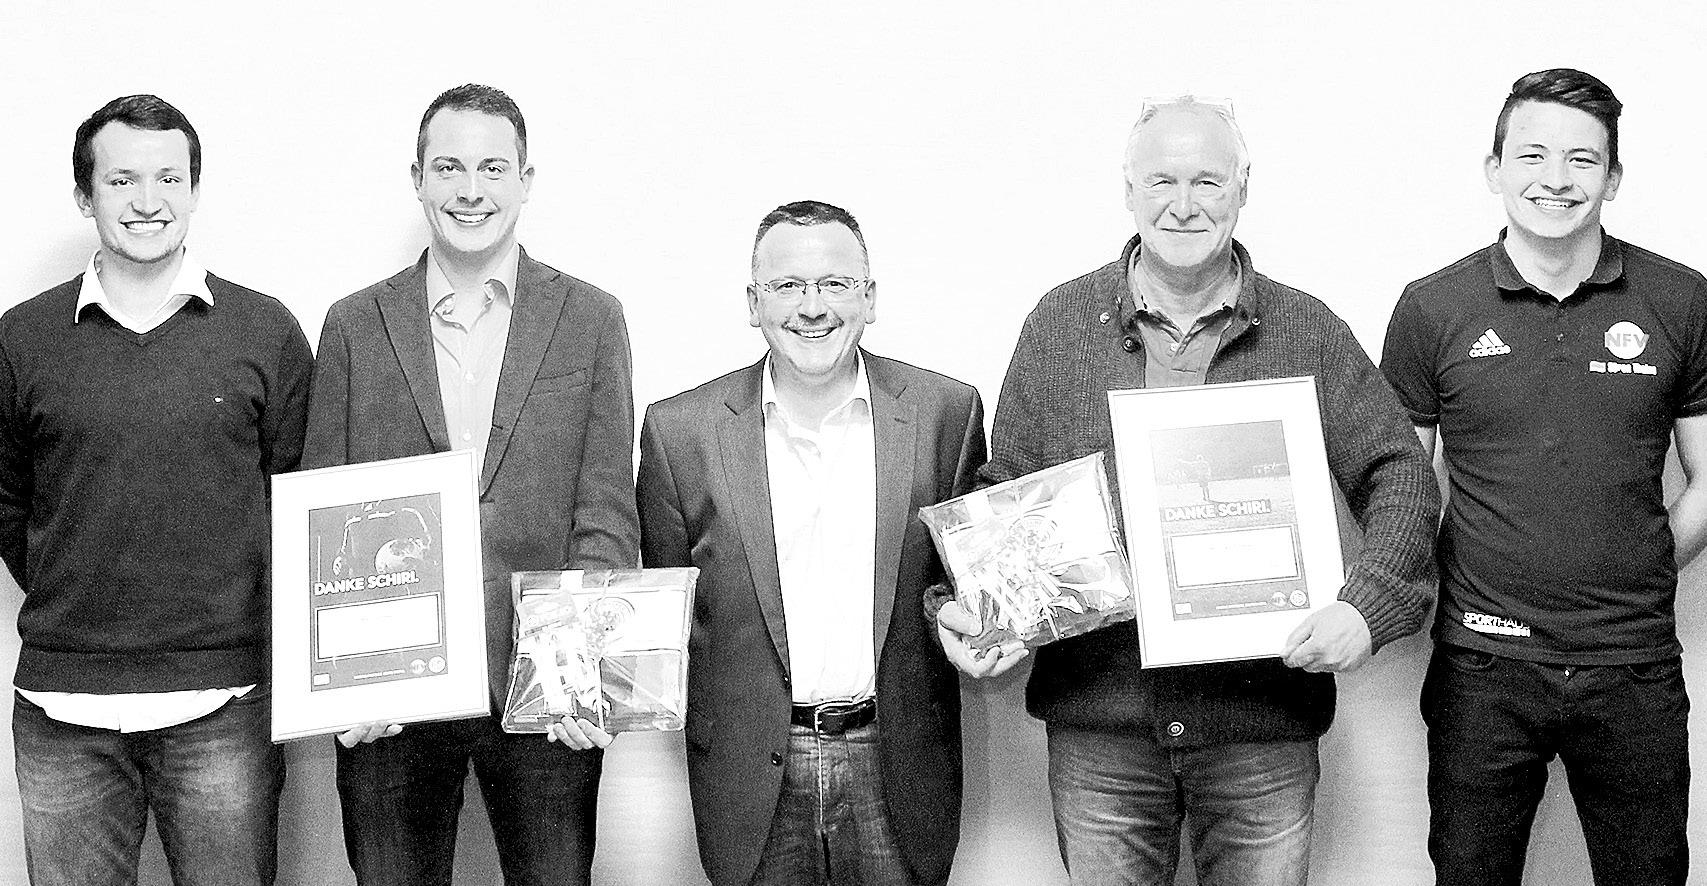 KSO Michael Frede (Mitte) sowie die beiden Lehrwarte Jannik Heitmann (links) und Sören Thalau (rechts) freuten sich mit den beiden Preisträgern Manuel Hess (Zweiter von links/SSV Scheuen) und Wilfried Plumhof (Zweiter von rechts/TuS Unterlüß). Foto: L.-O. Piontek